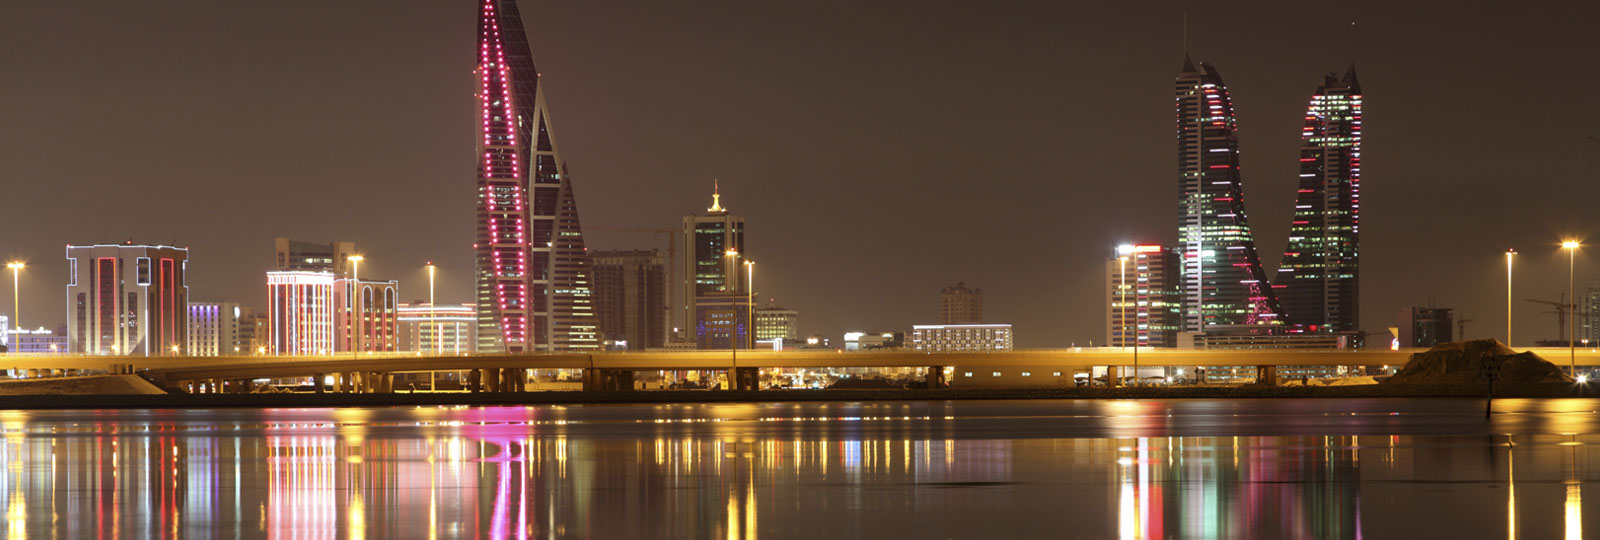 أماكن الجذب السياحي في البحرين